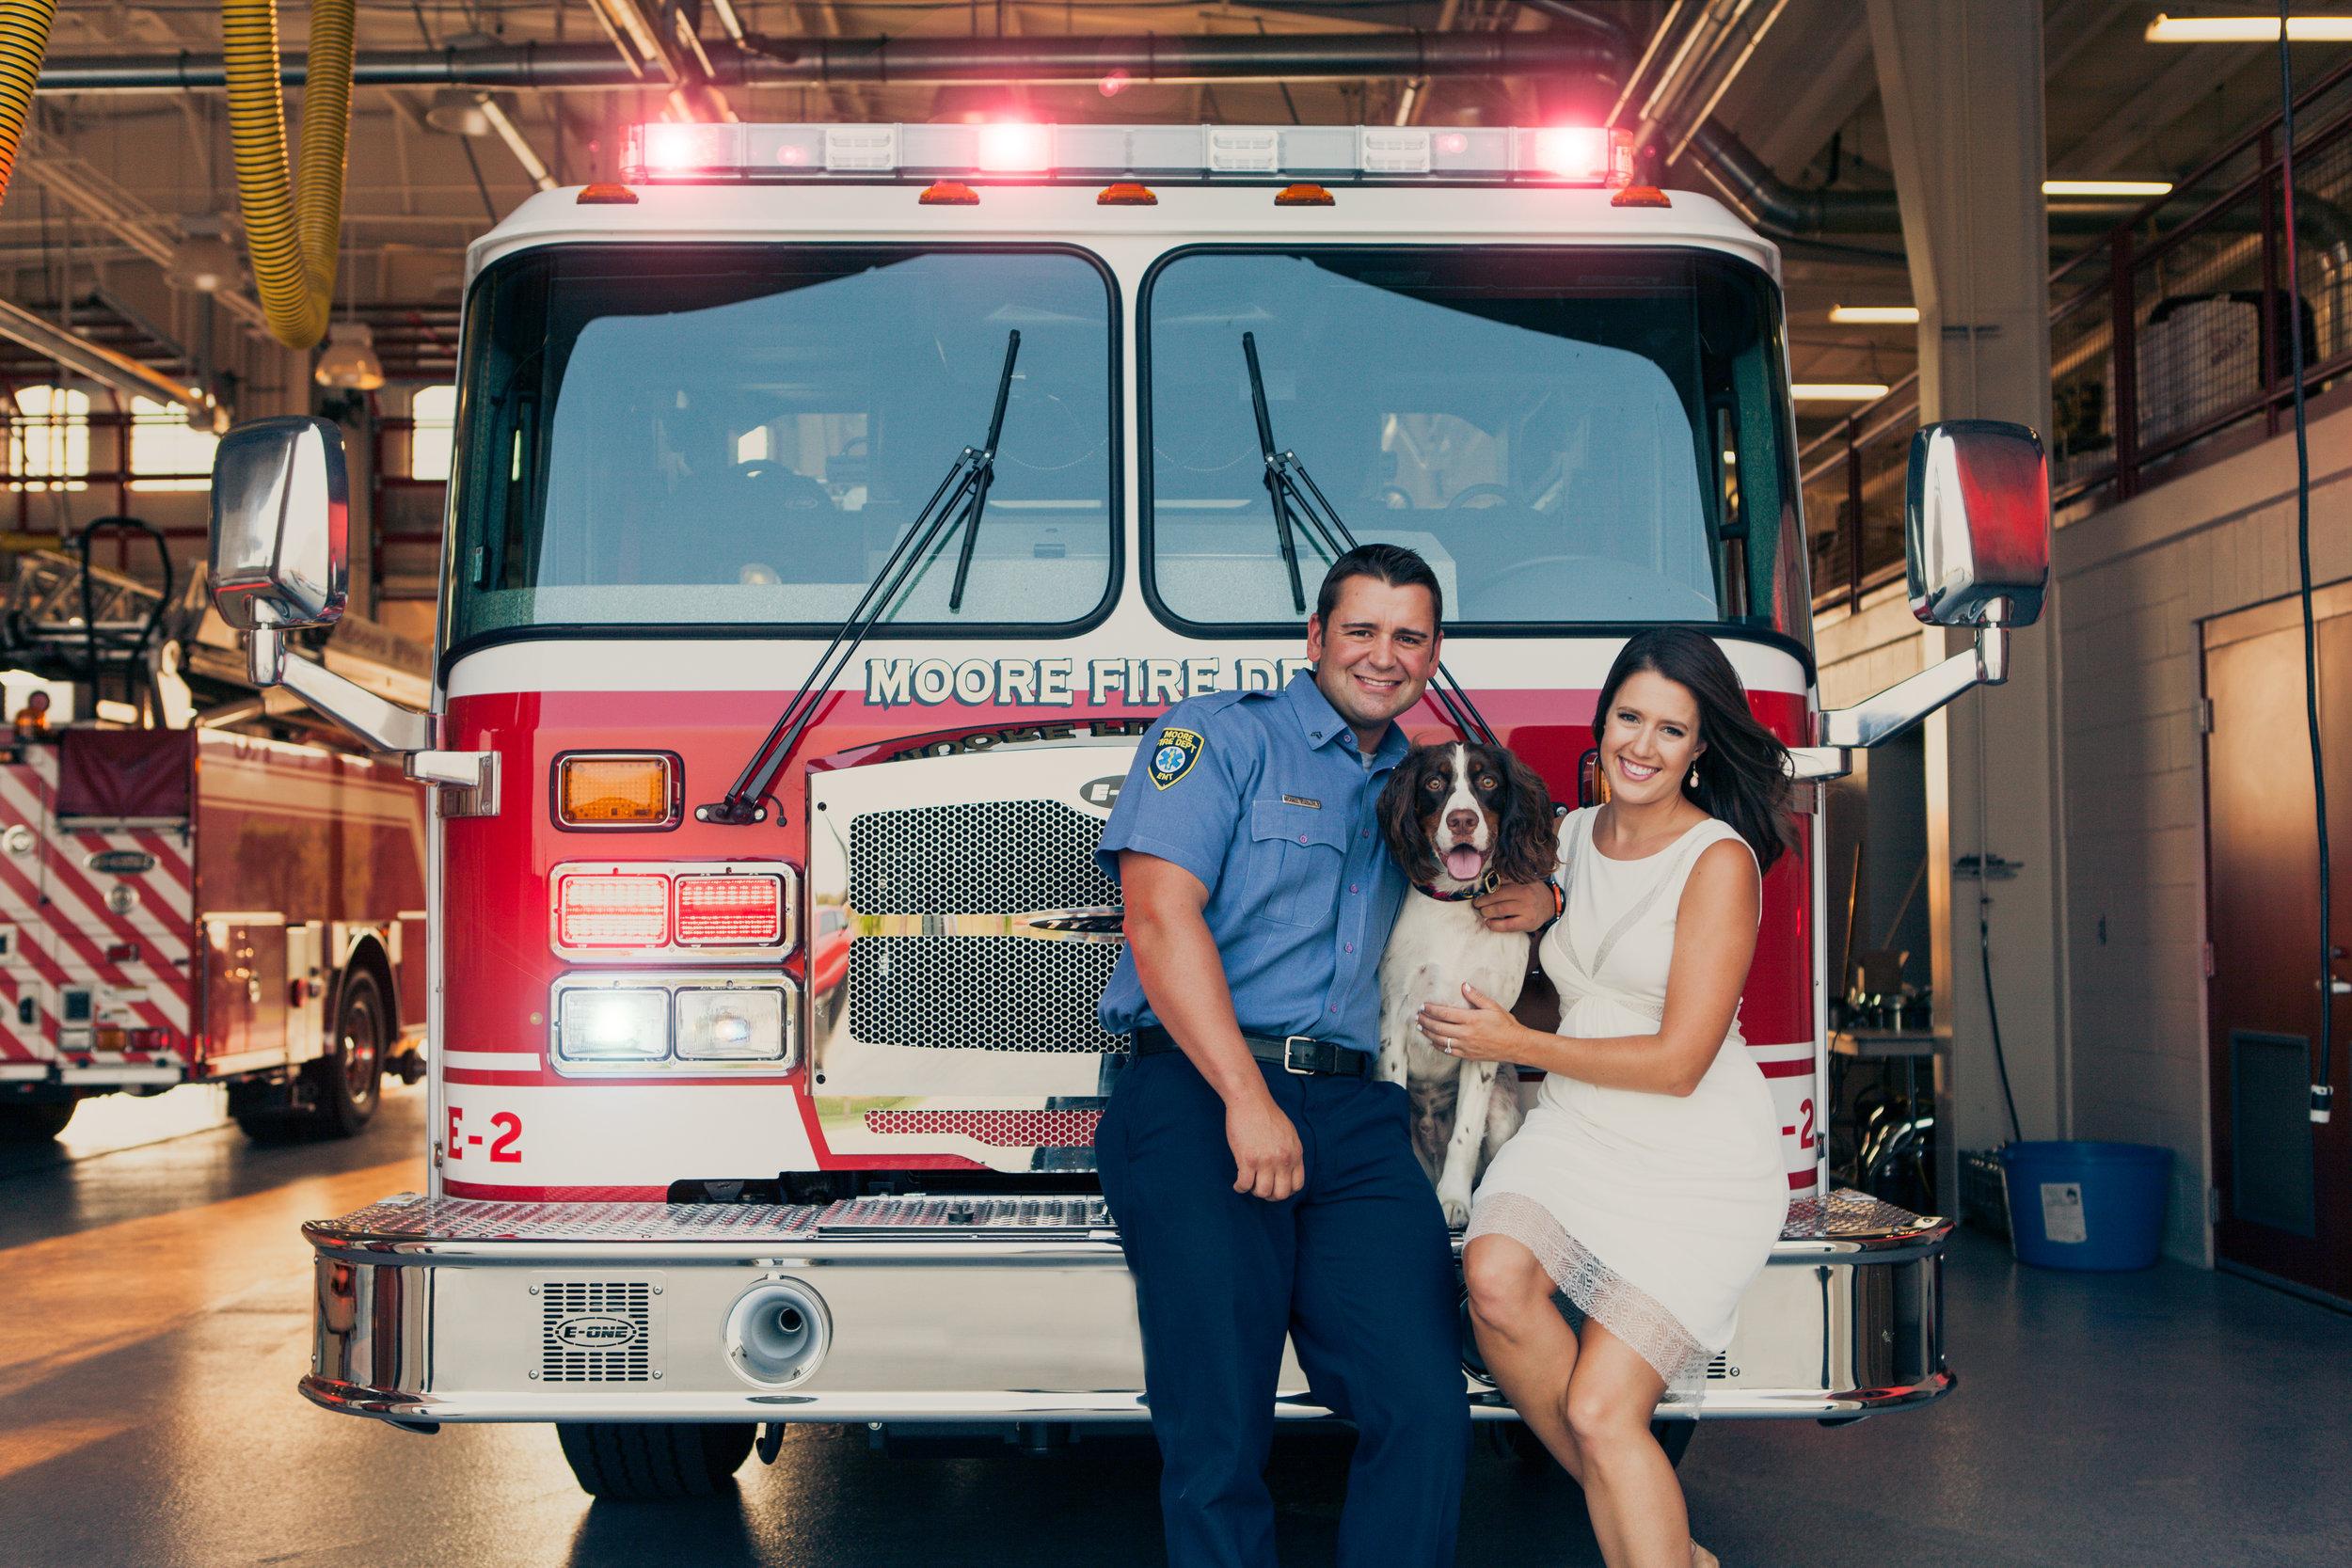 Firehouse 14.jpg